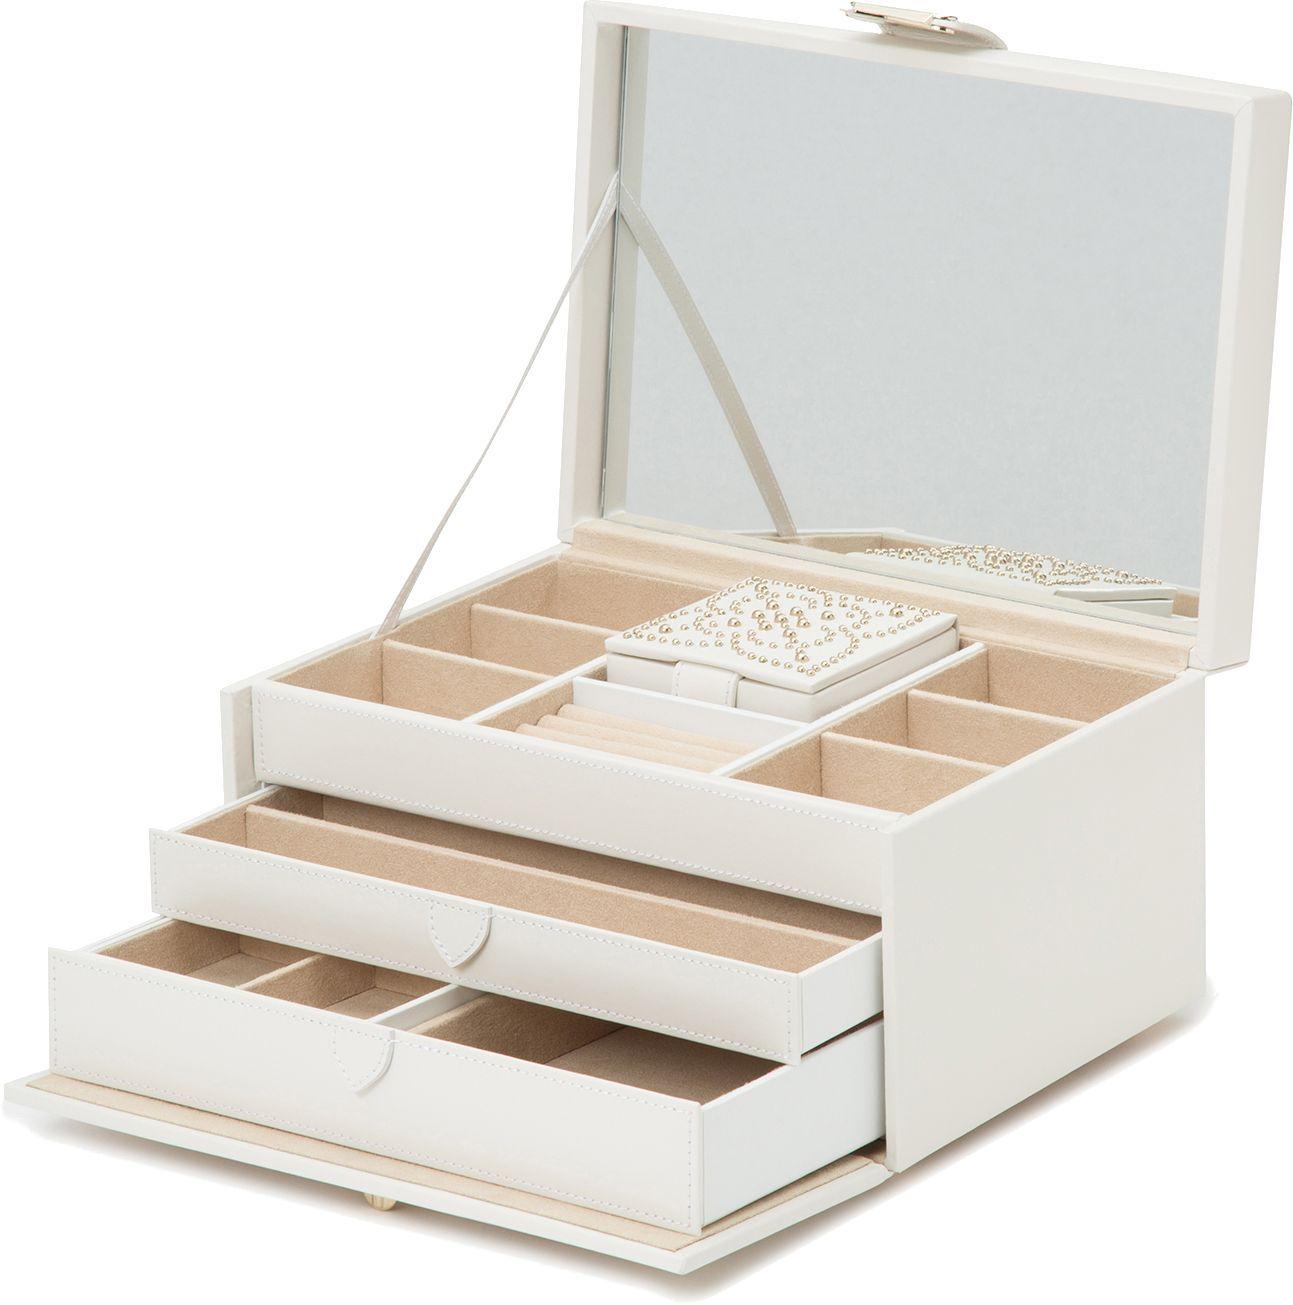 Wolf Marrakesh Large Jewelry Box 308253 Large jewelry box